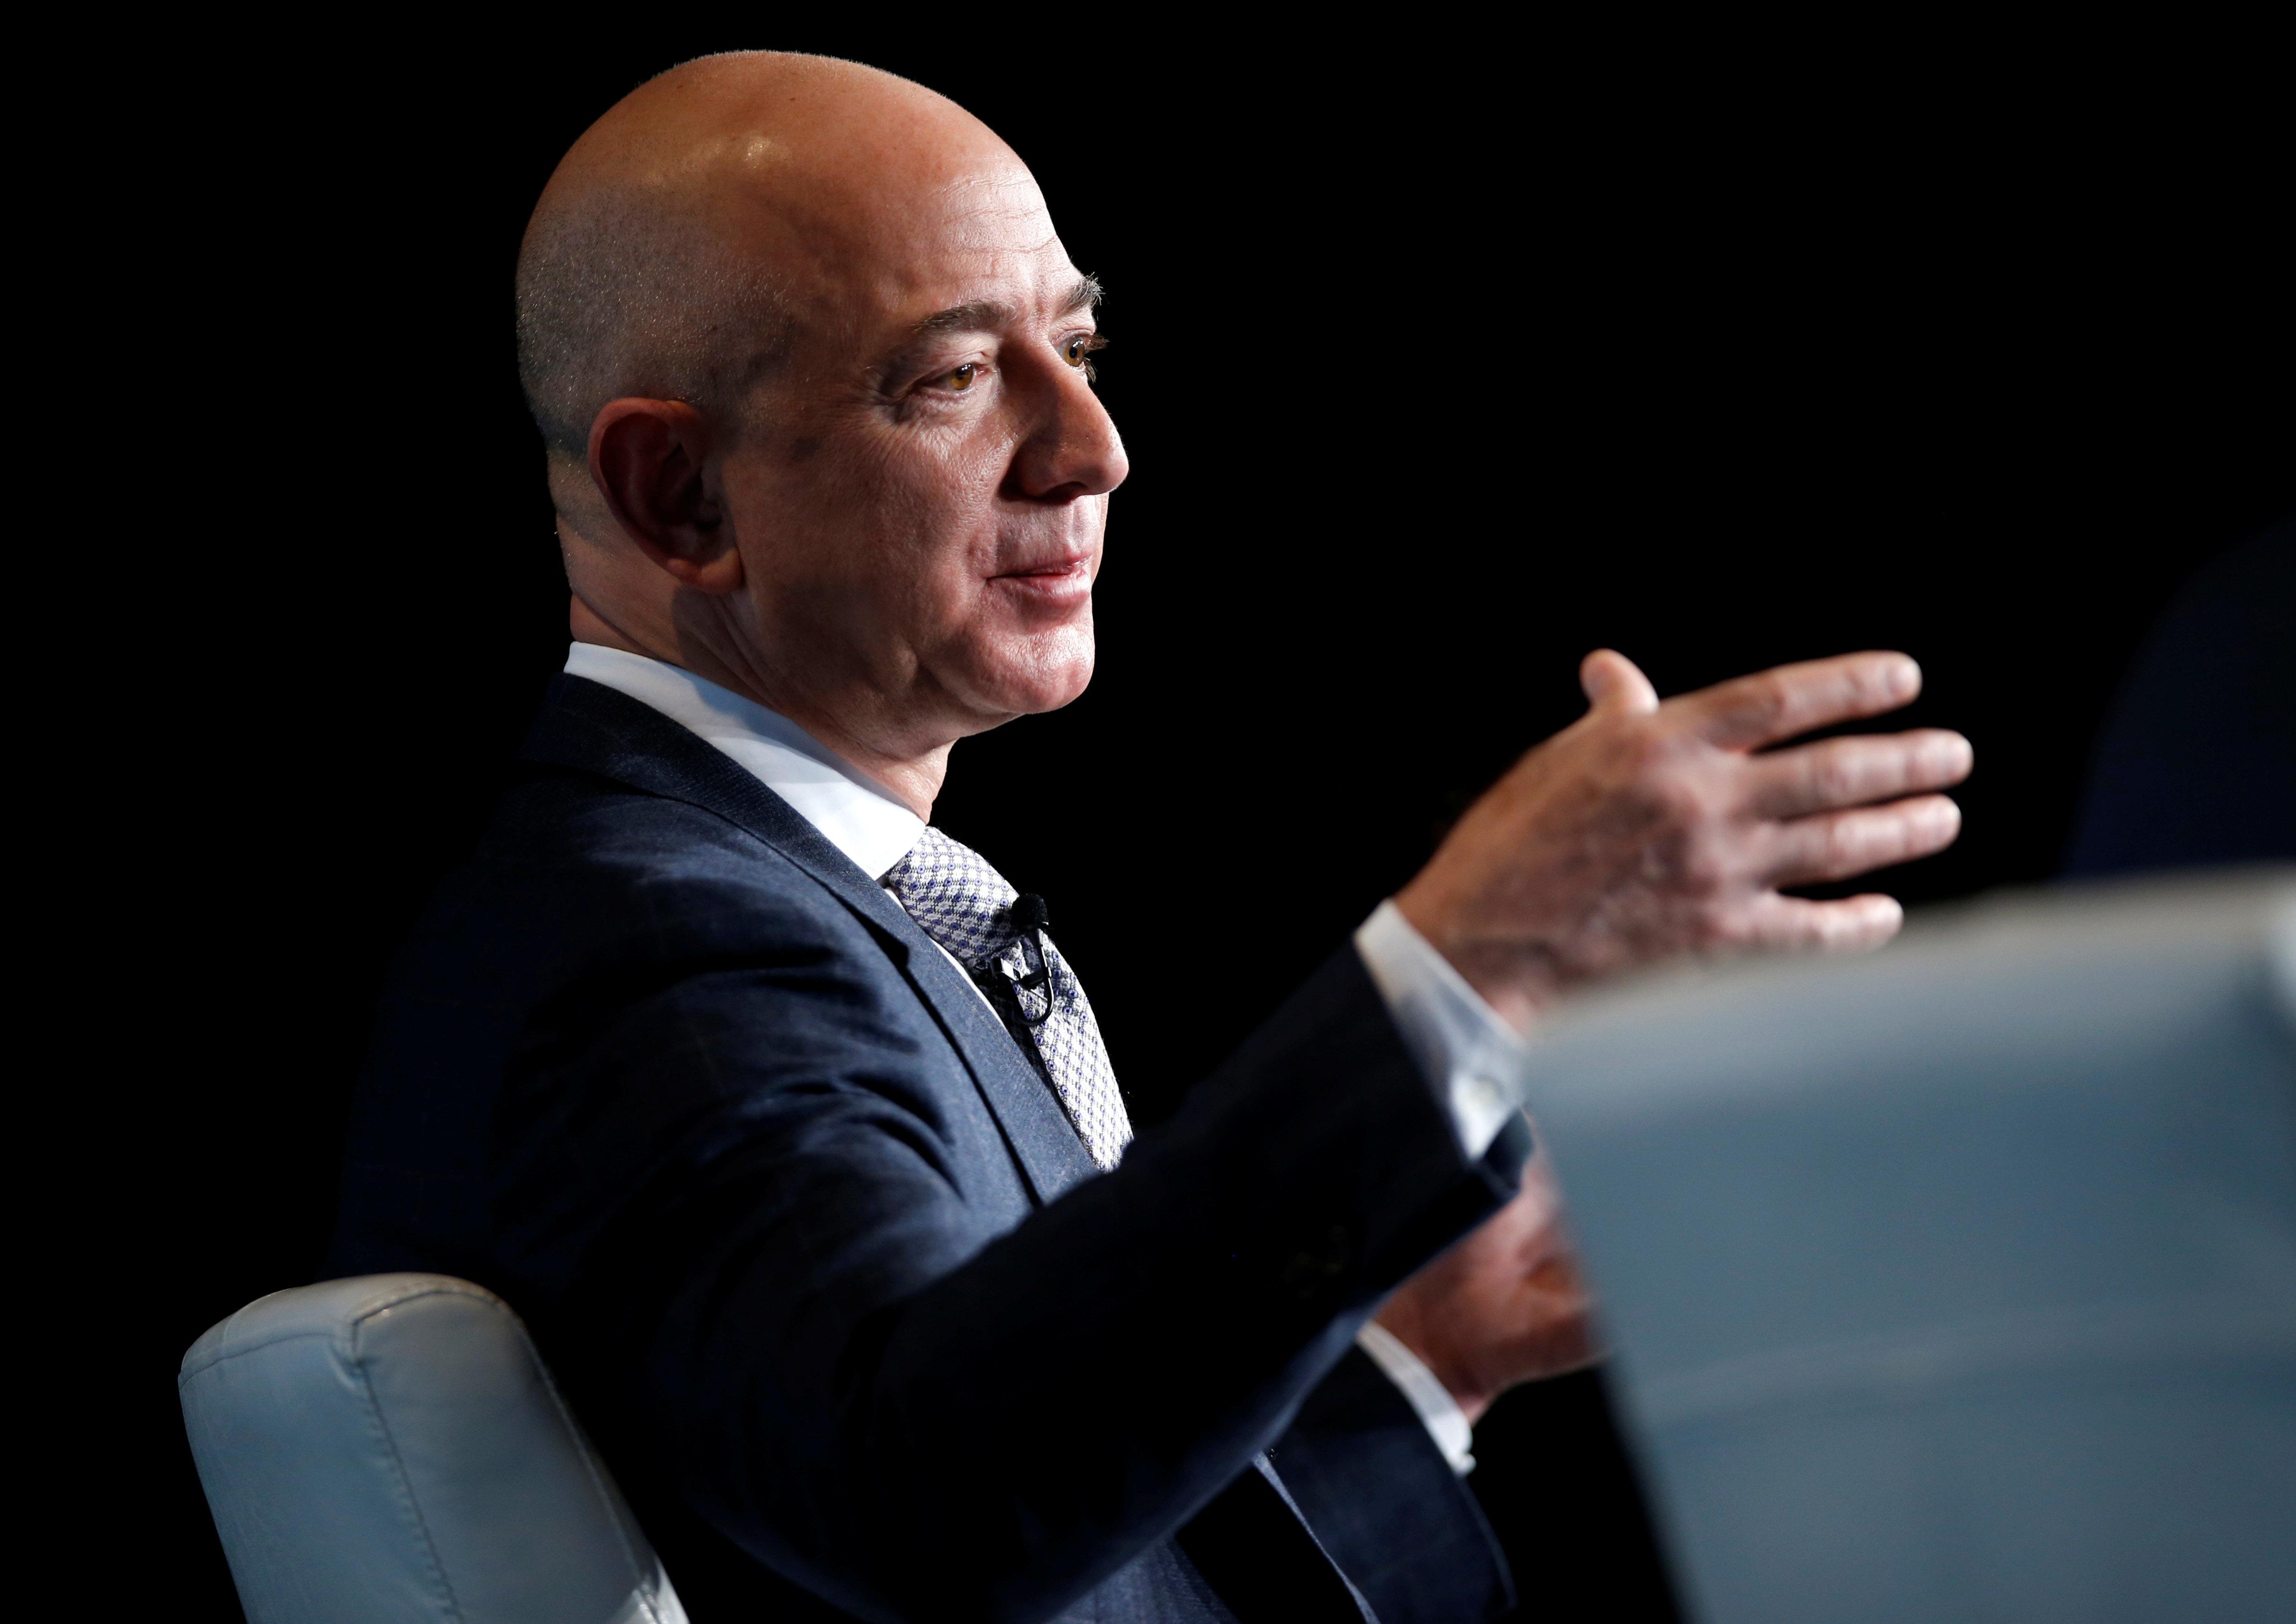 Πώς ο ιδρυτής της Amazon έγινε ο πλουσιότερος άνθρωπος στον κόσμο και η αξία της εταιρείας του ξεπέρασε το 1 τρισ. δολάρια